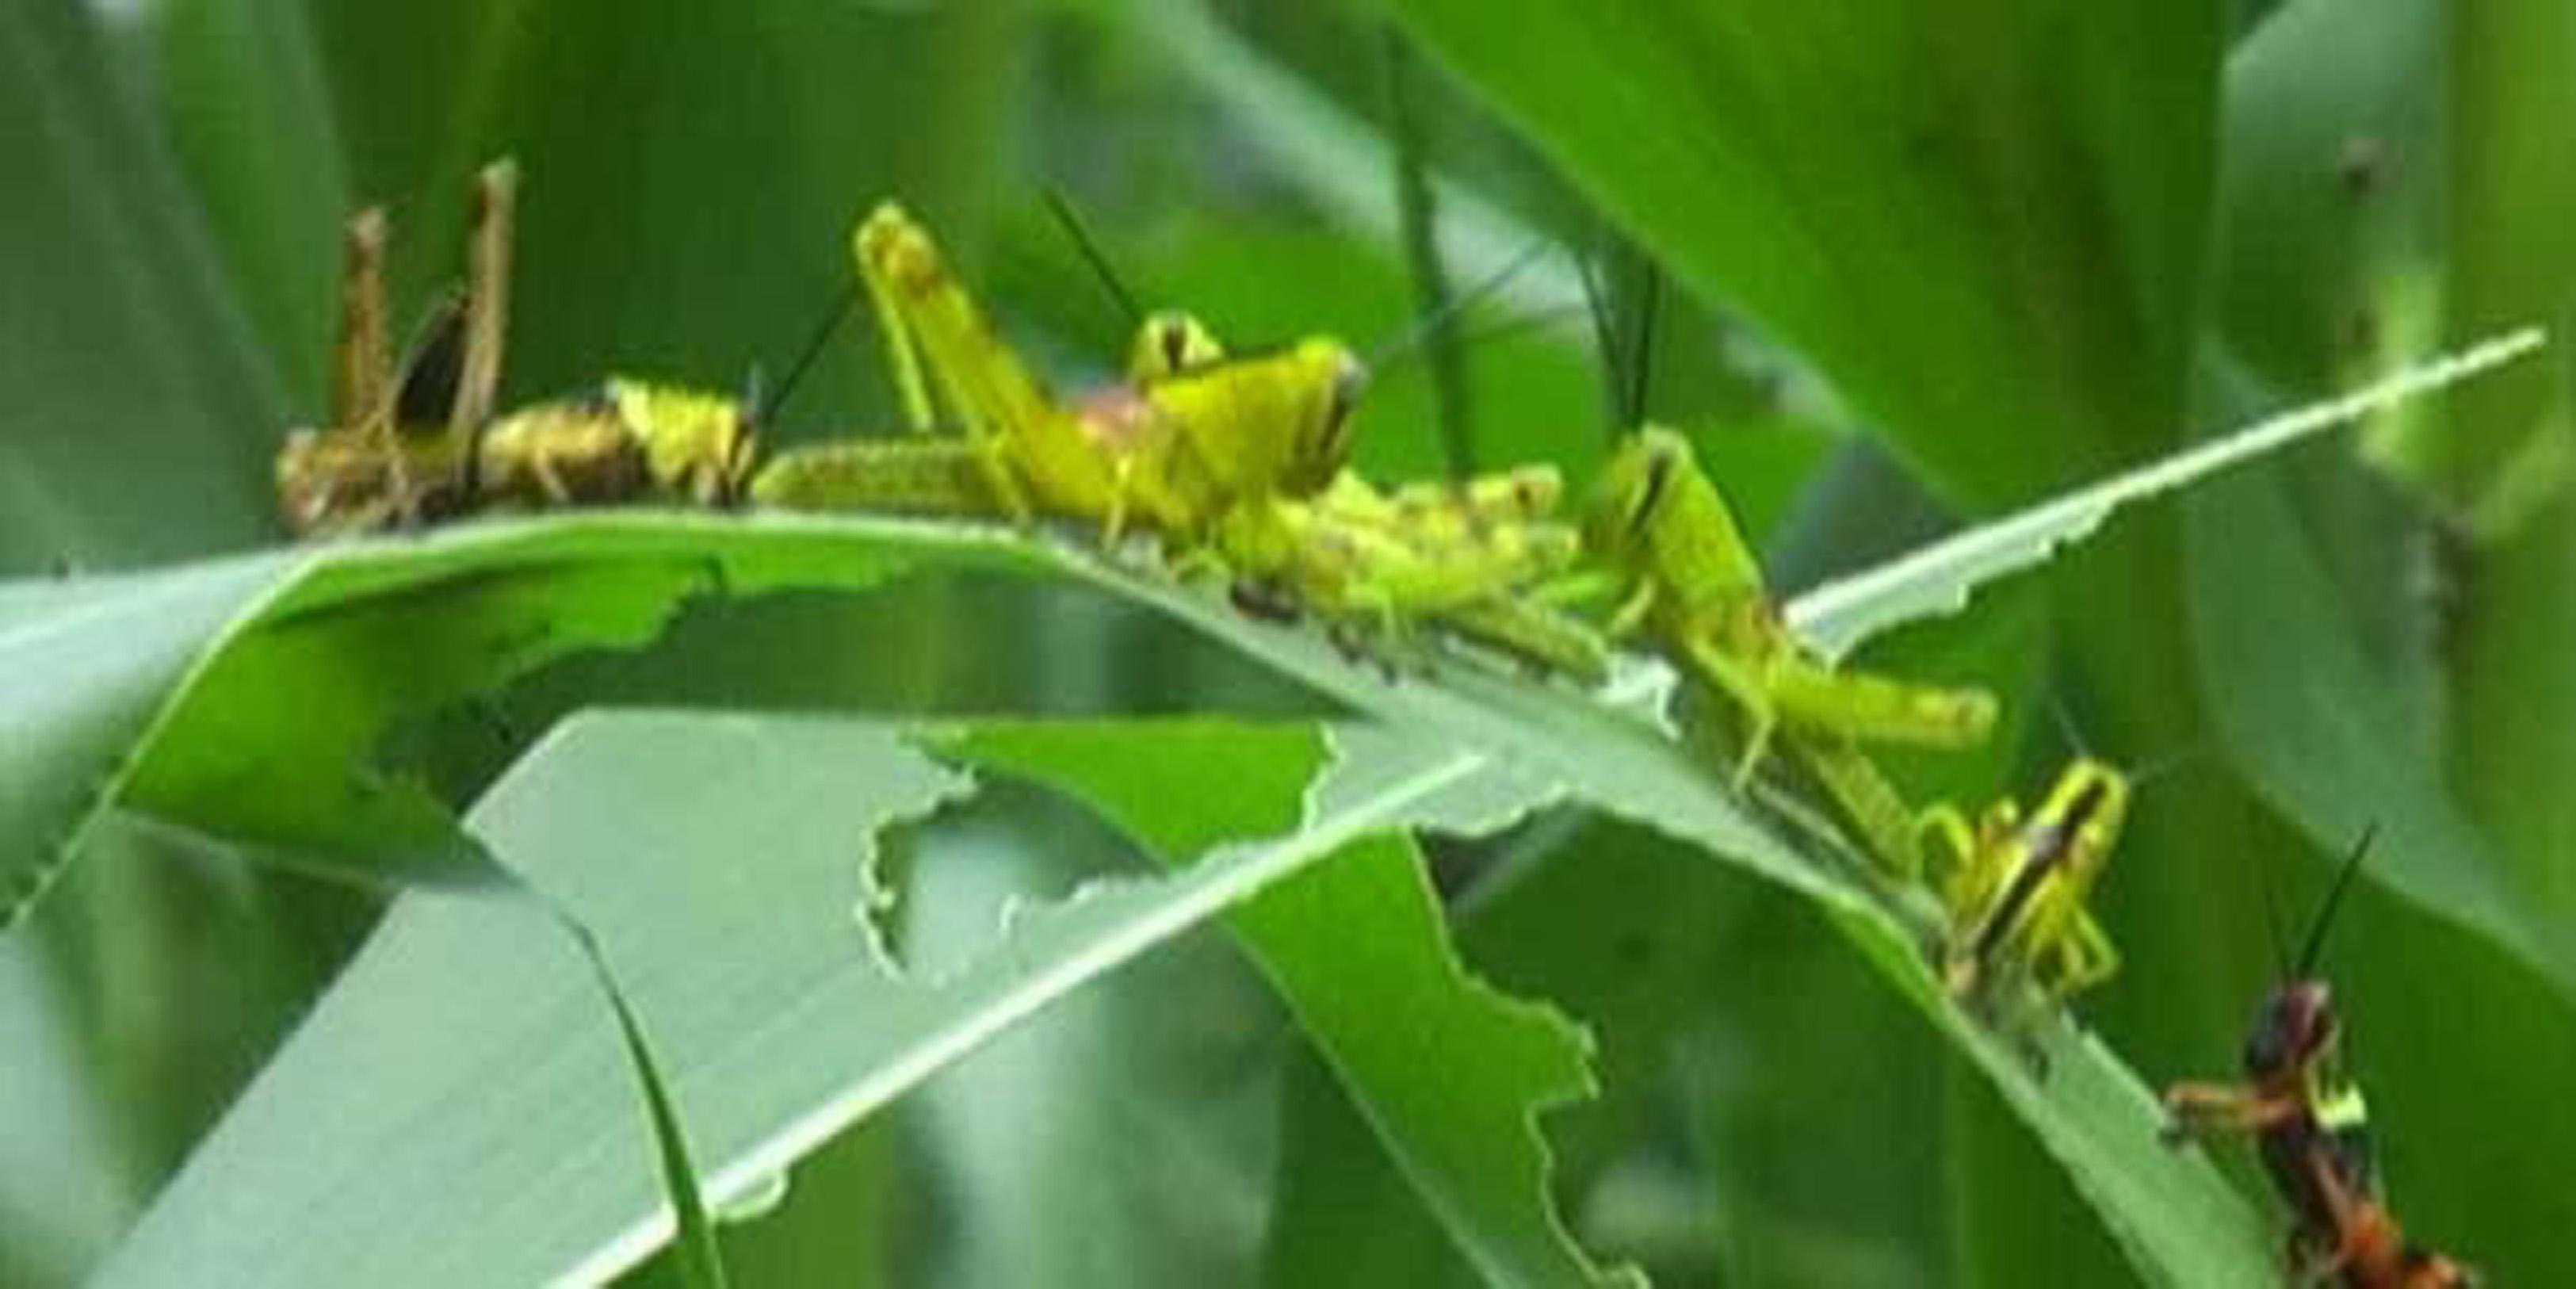 5 Manfaat kesehatan jika kamu doyan konsumsi belalang